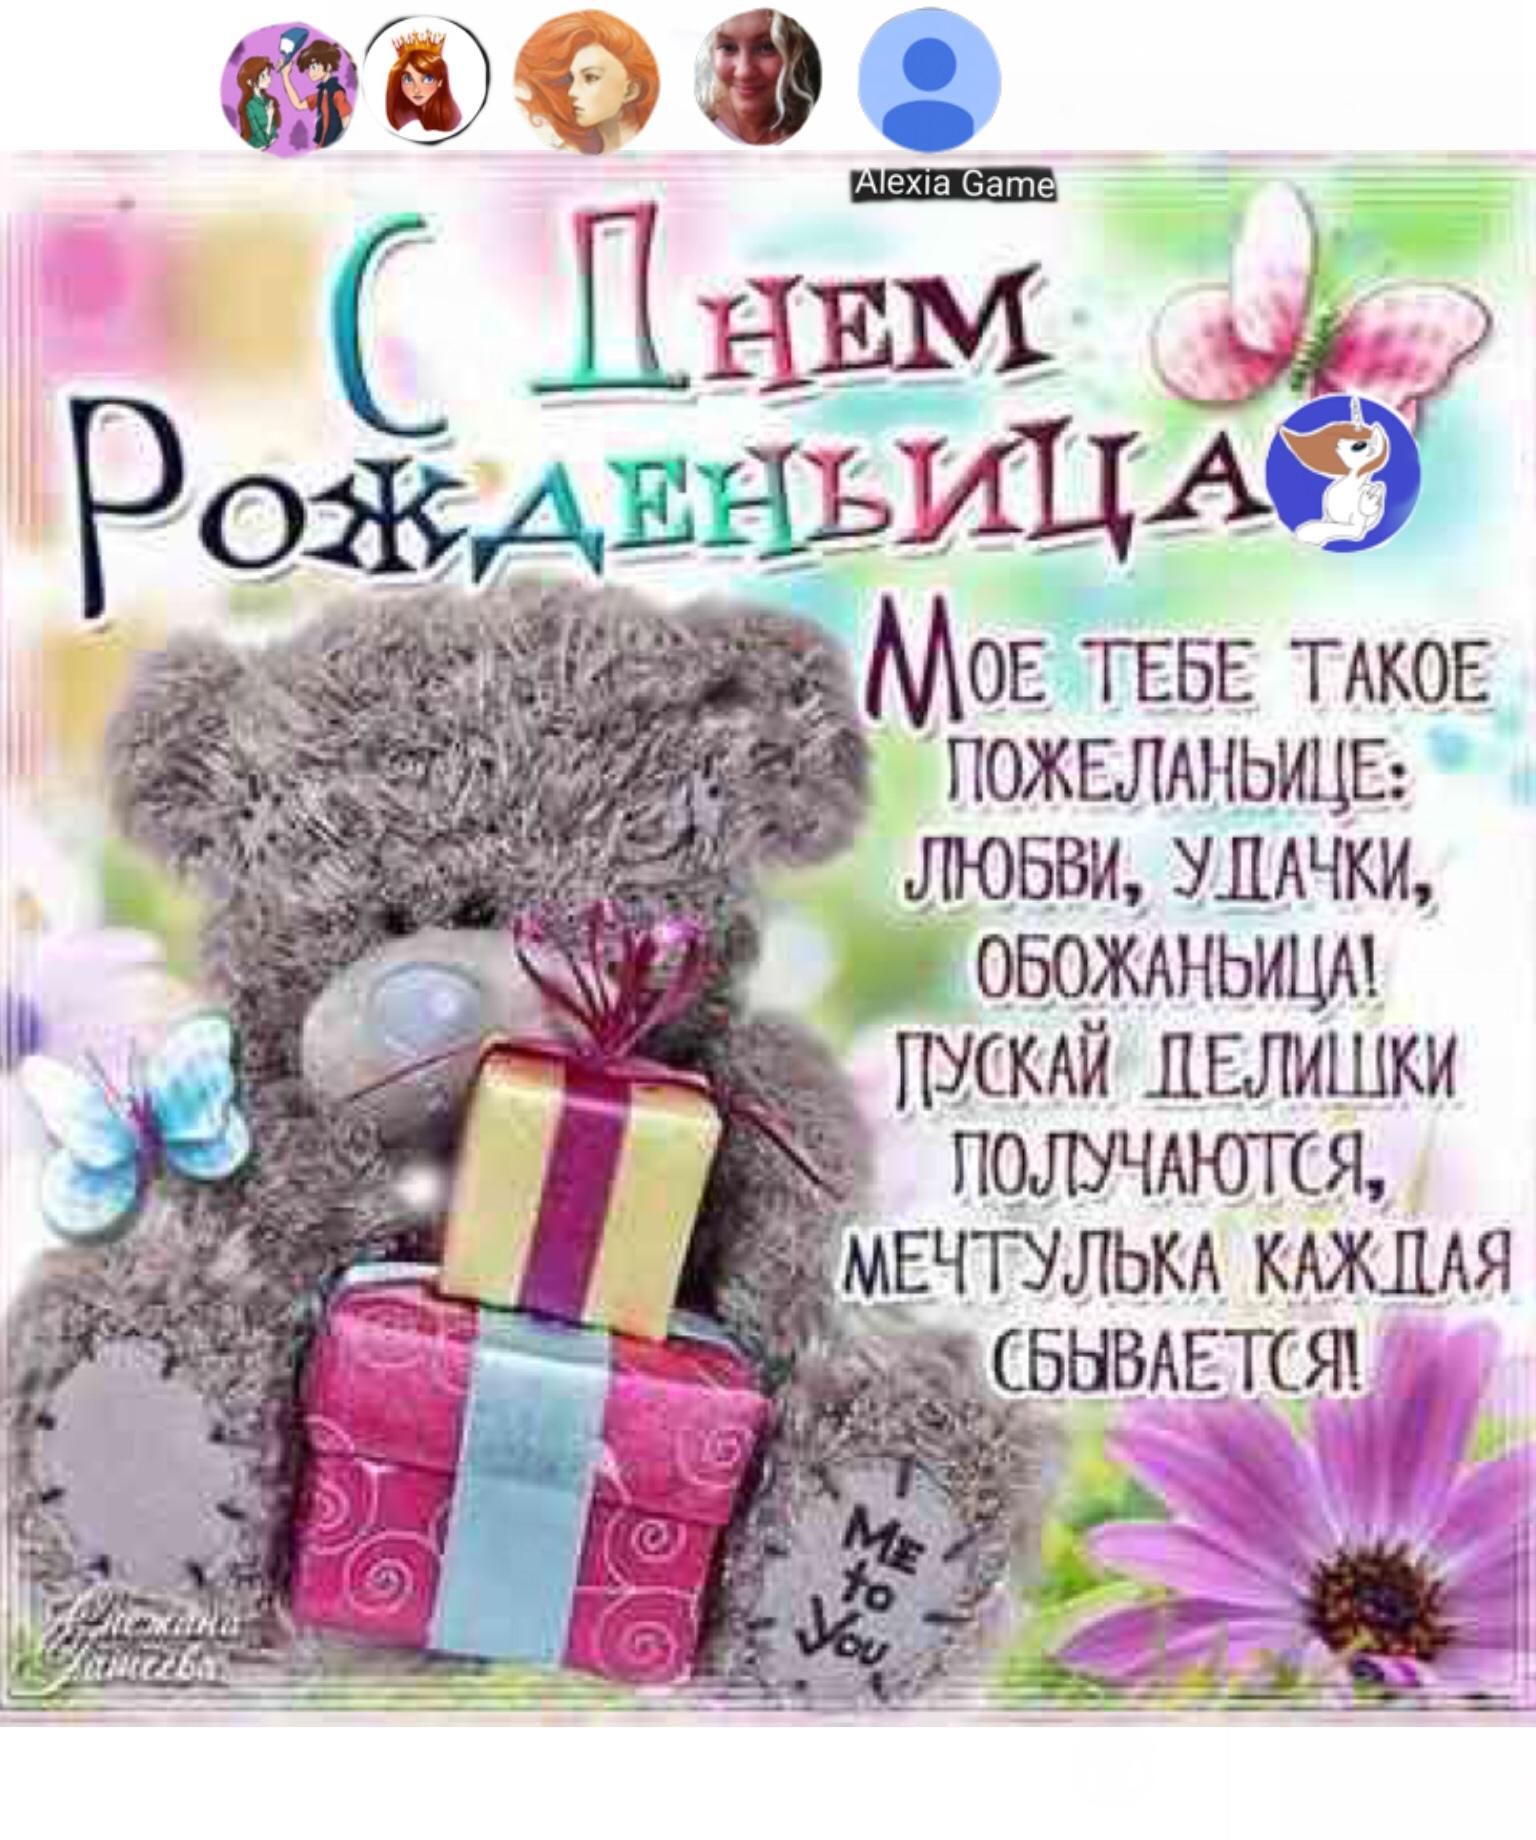 Поздравления с днем рождения девушку алину